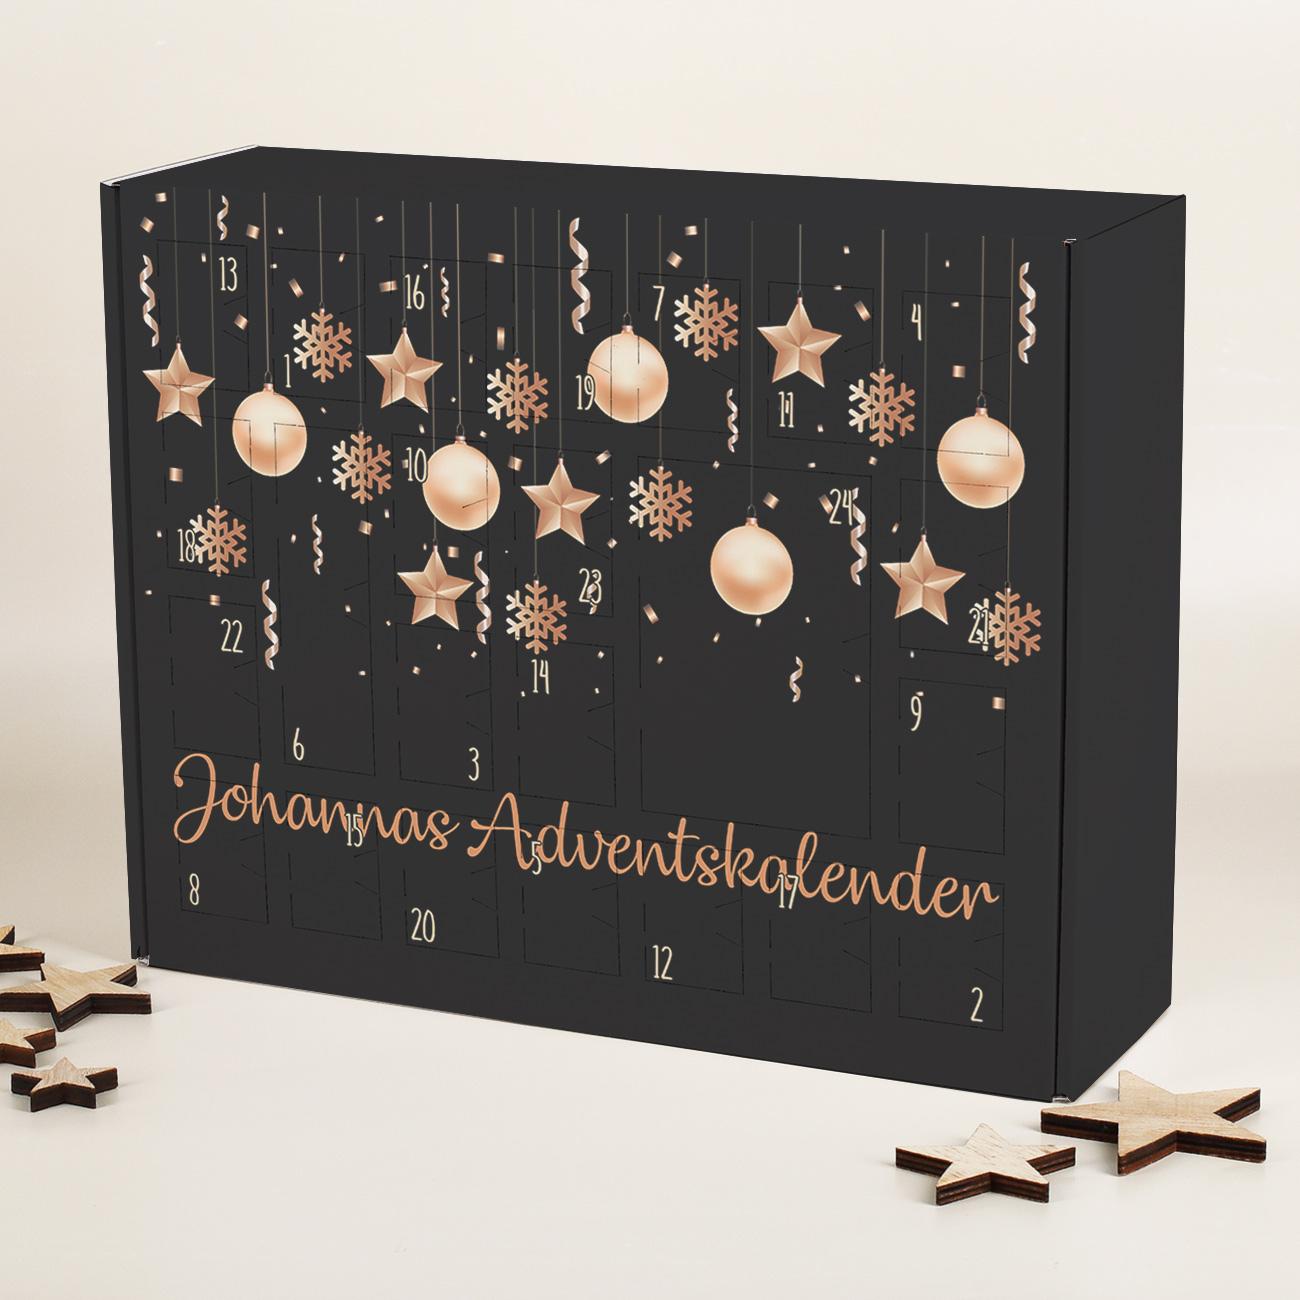 Weihnachtskalender Geschenke.Adventskalender Weihnachtskalender Online Kaufen Bestellen